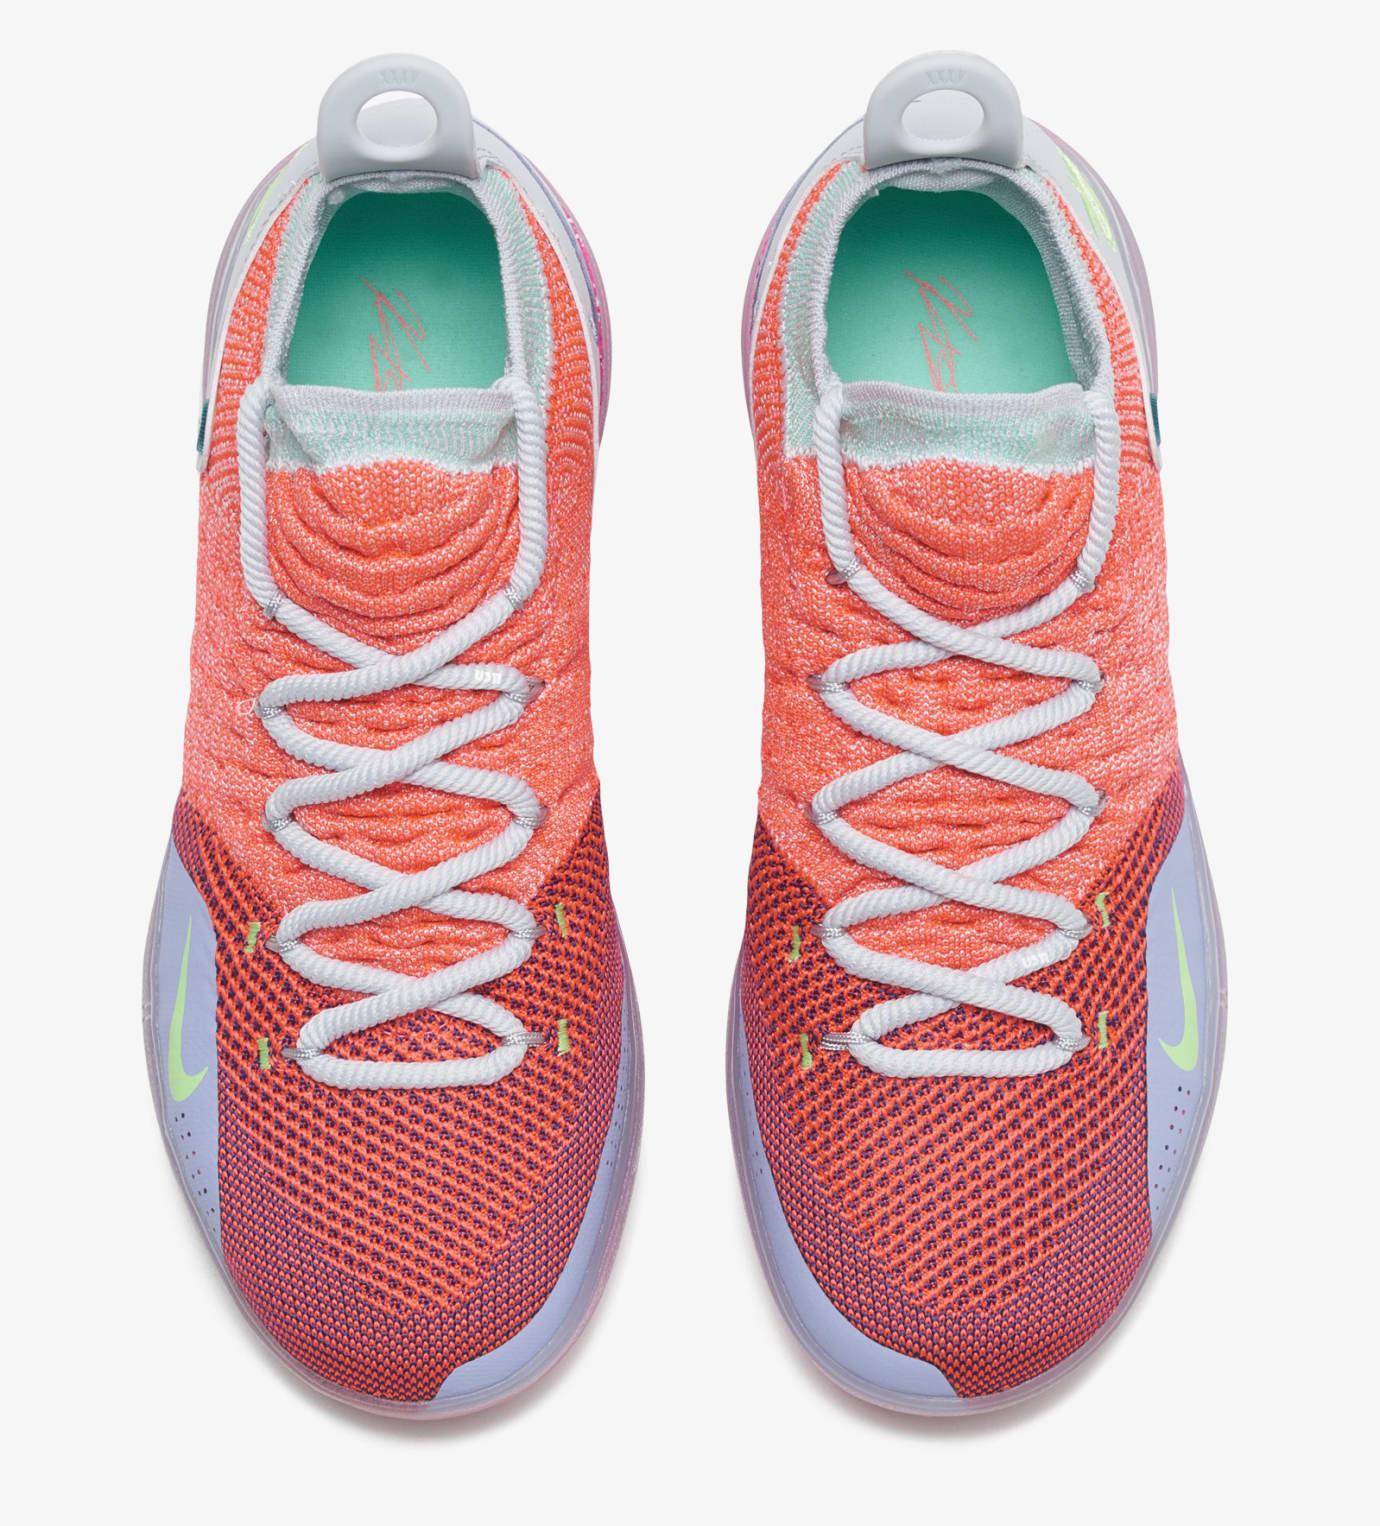 Image via Nike US 11 nike-kd-11-eybl-ao2604-600-release-date- 364bea13e